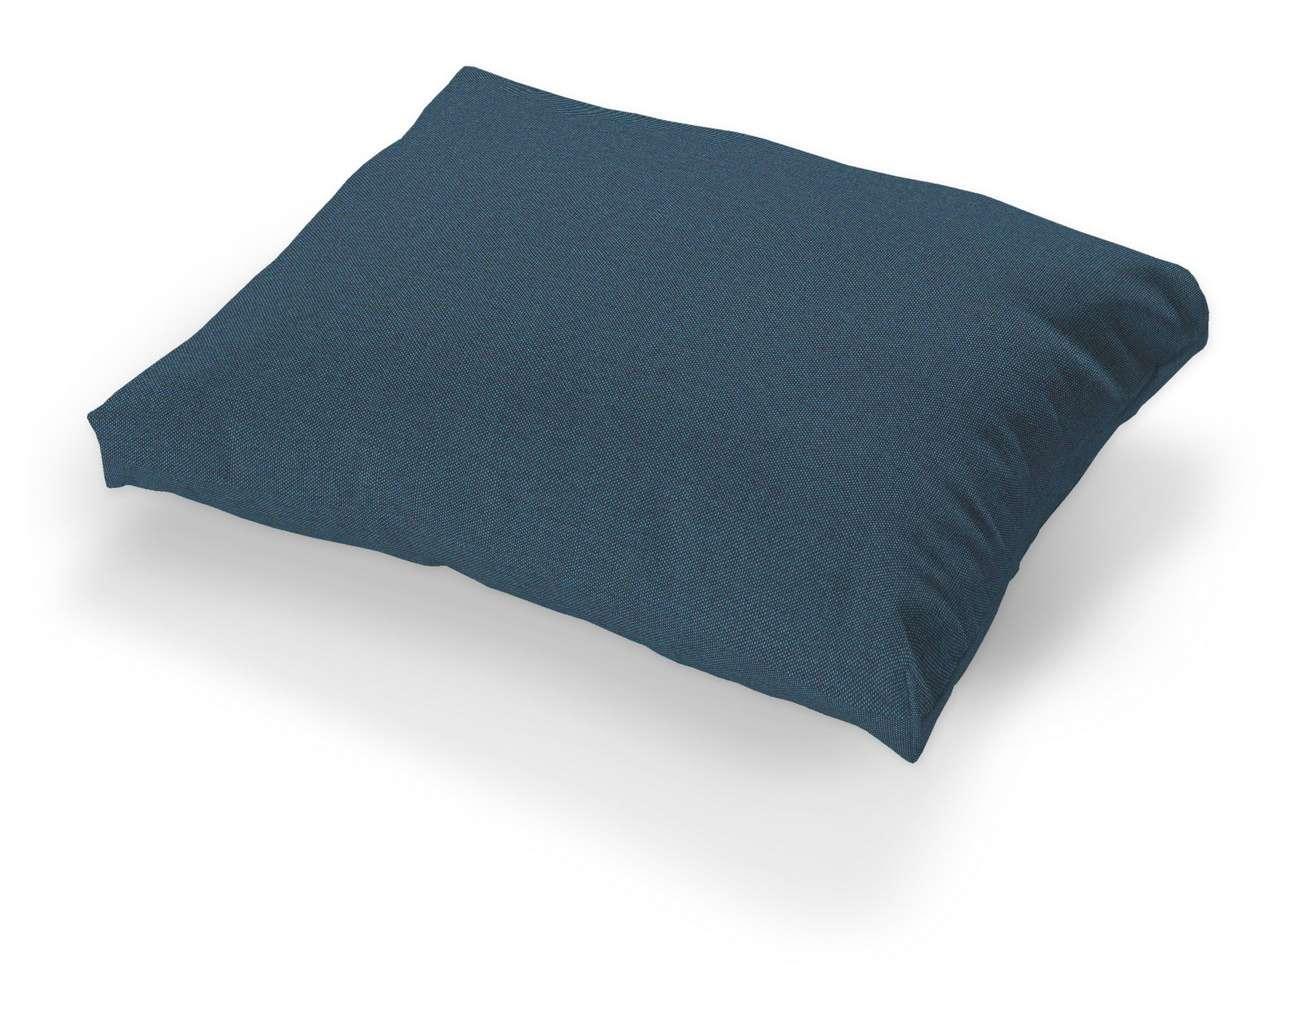 Poszewka na poduszkę Tylösand 1 szt. w kolekcji Etna, tkanina: 705-30